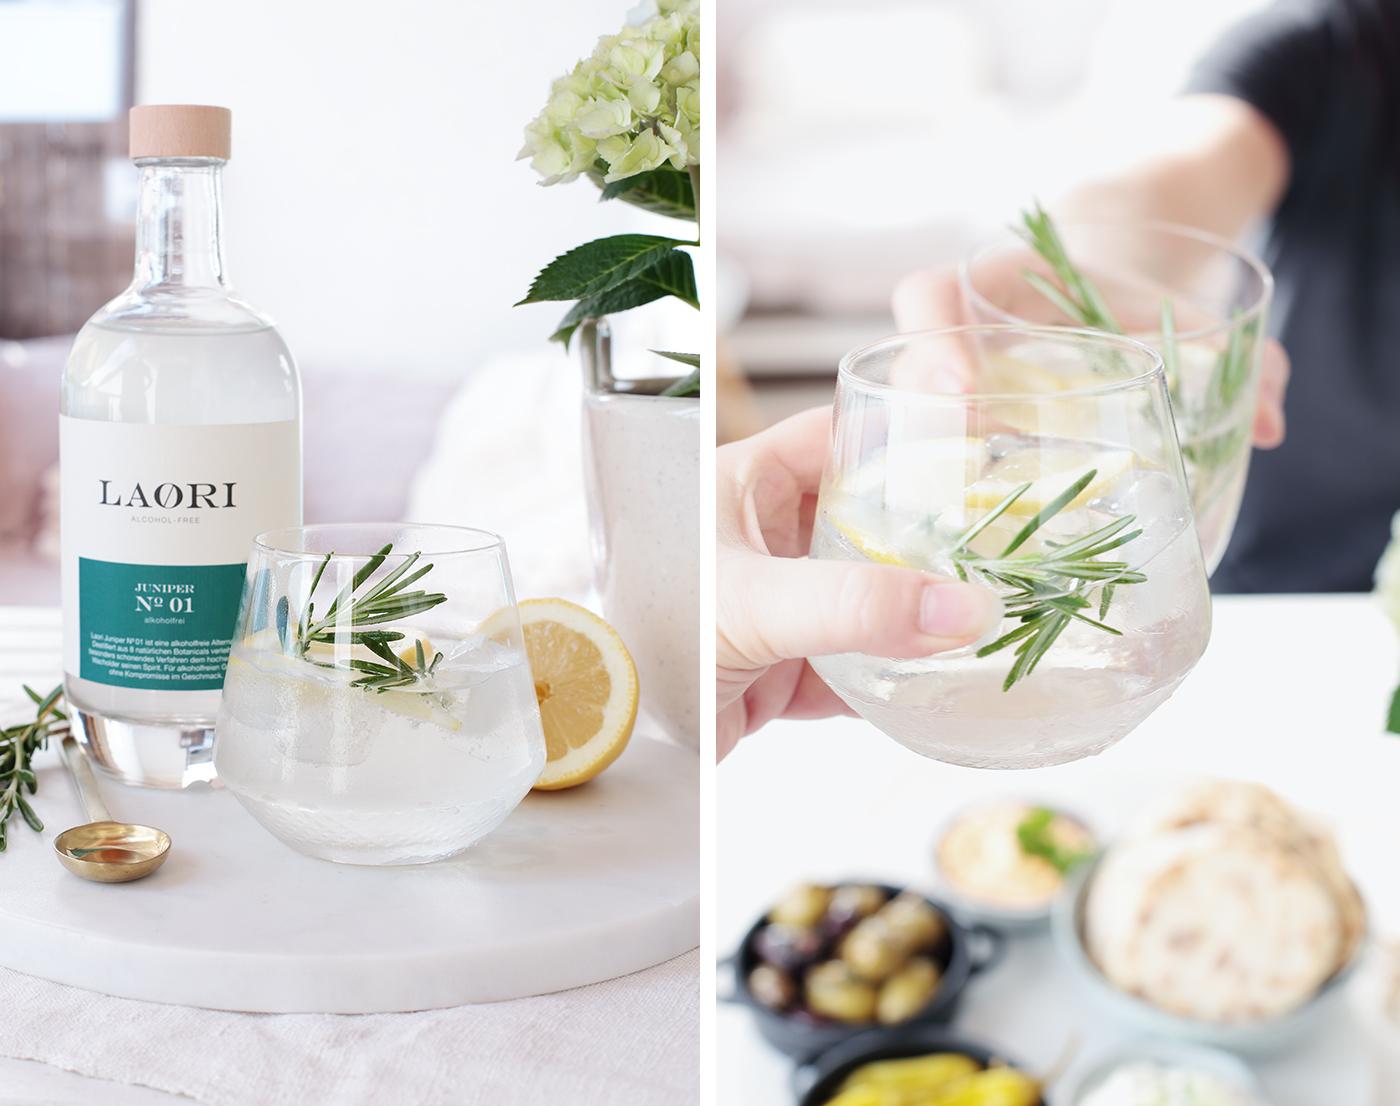 Feierabend-Tapas und dazu einen alkoholfreien Gin Tonic von Laori Juniper